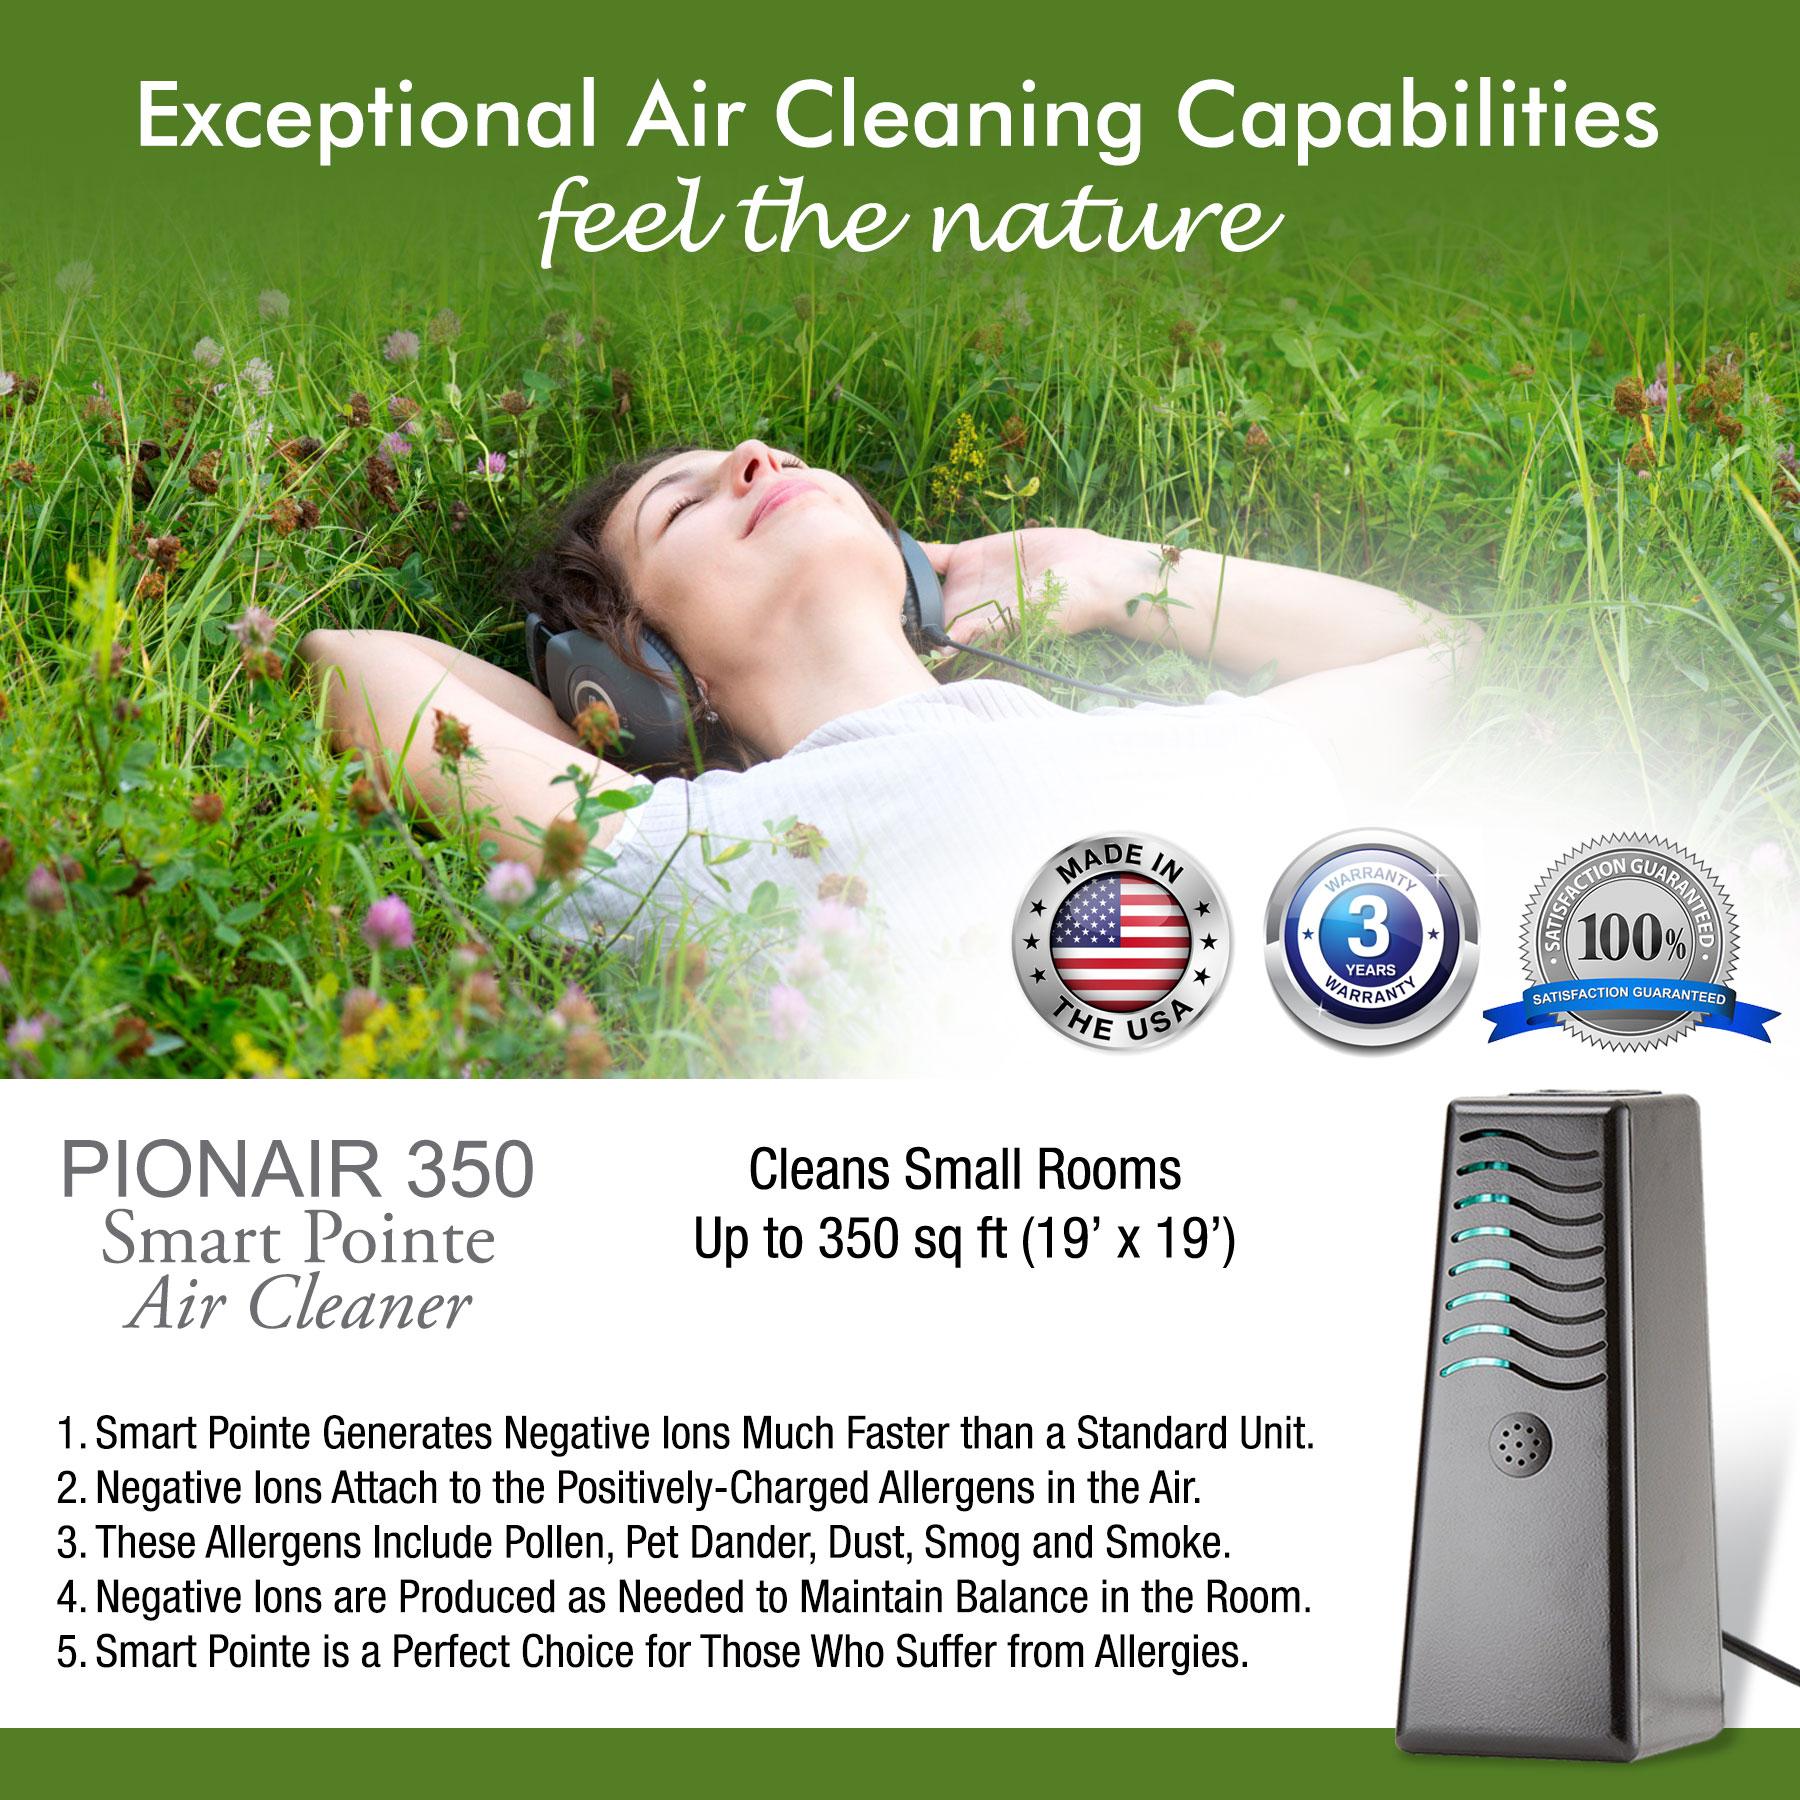 PIONAIR 350 Smart Pointe - 4 in 1 Air Cleaner